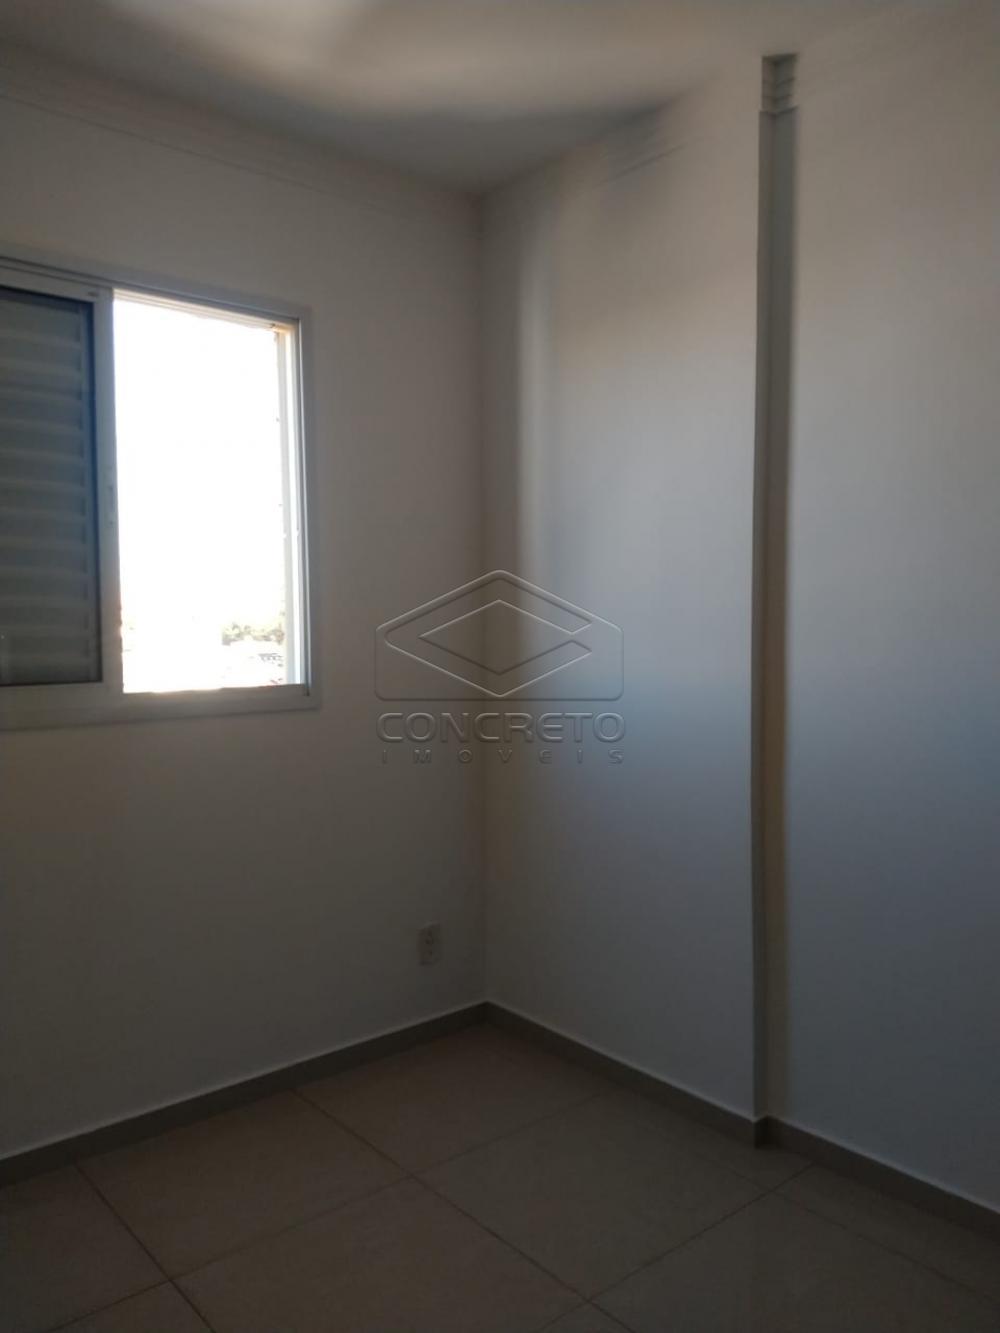 Comprar Apartamento / Padrão em Bauru R$ 340.000,00 - Foto 11